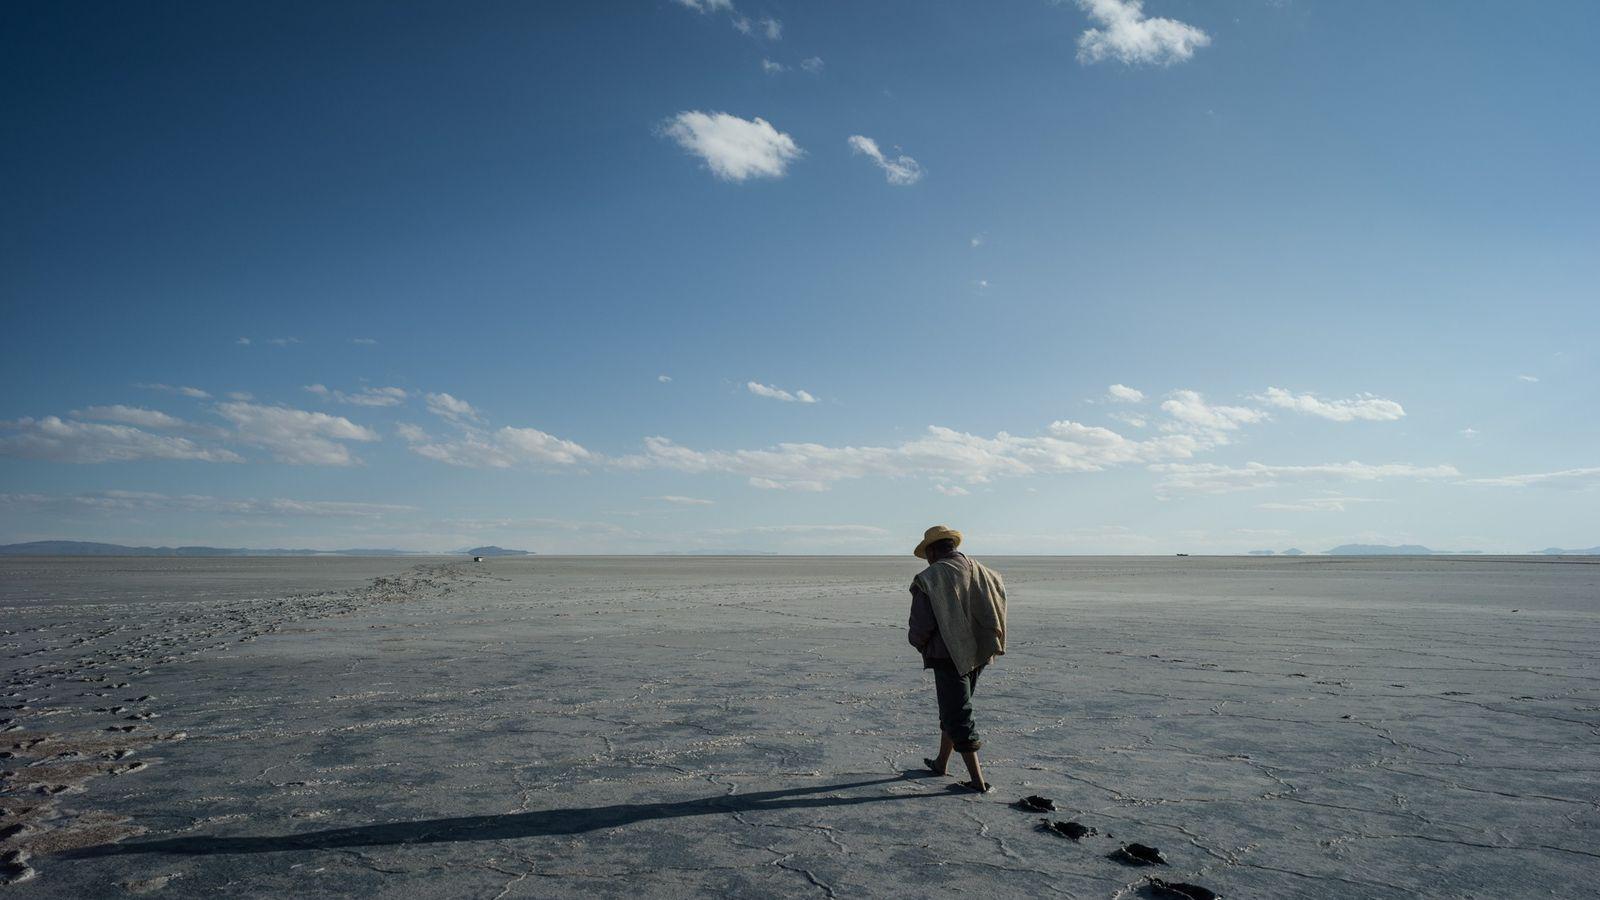 Silvério Rios Choque, boliviano da etnia uru, caminha em direção a barcos encalhados no que era ...